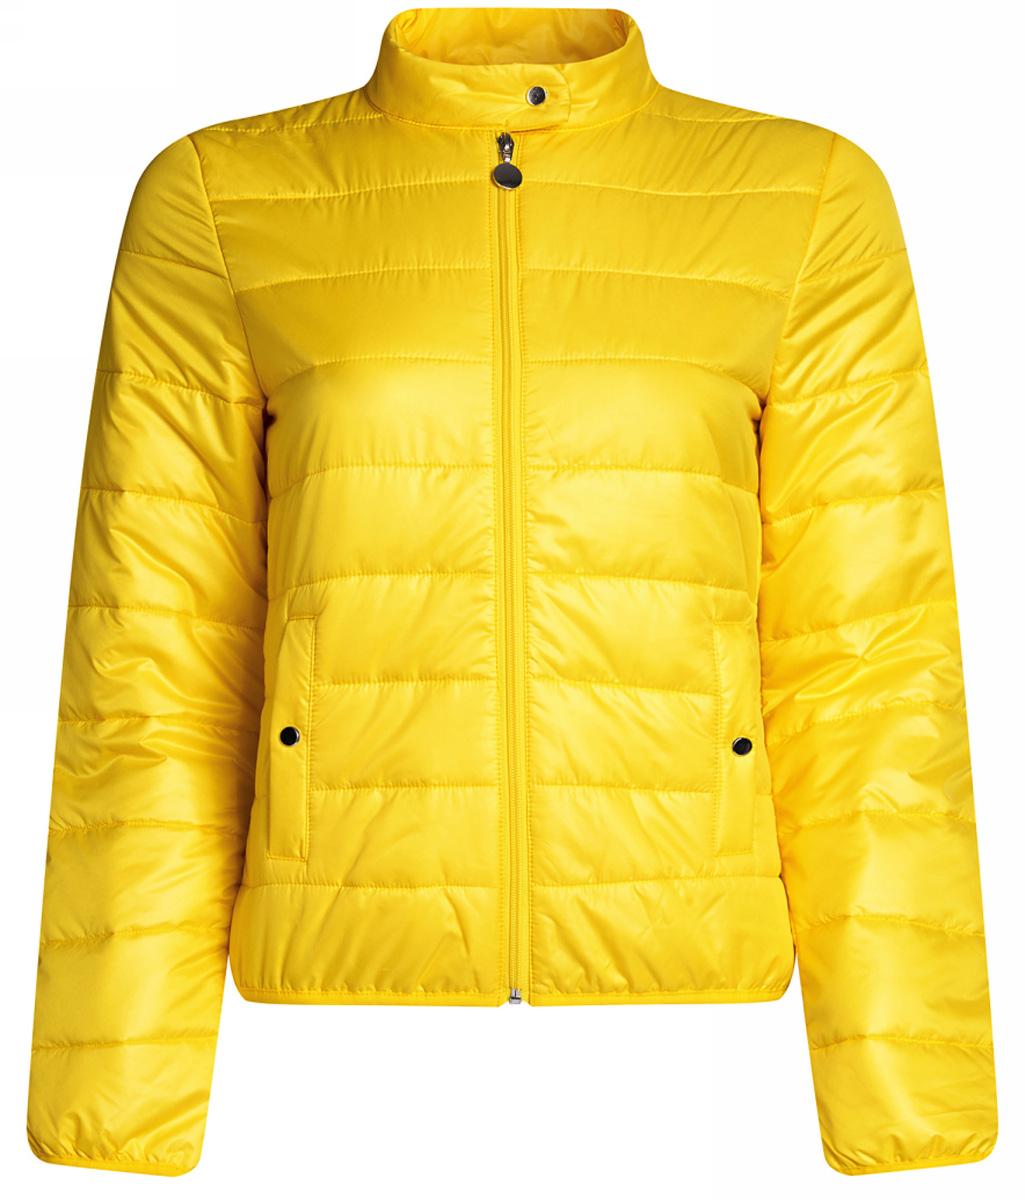 Куртка10203060/43363/4300NЖенская куртка oodji Ultra выполнена из высококачественного материала, в качестве подкладки используется полиэстер. Утеплитель - синтепон. Модель с воротником-стойкой застегивается на застежку-молнию и дополнительно сверху на кнопку. Спереди расположено два втачных кармана на кнопках.